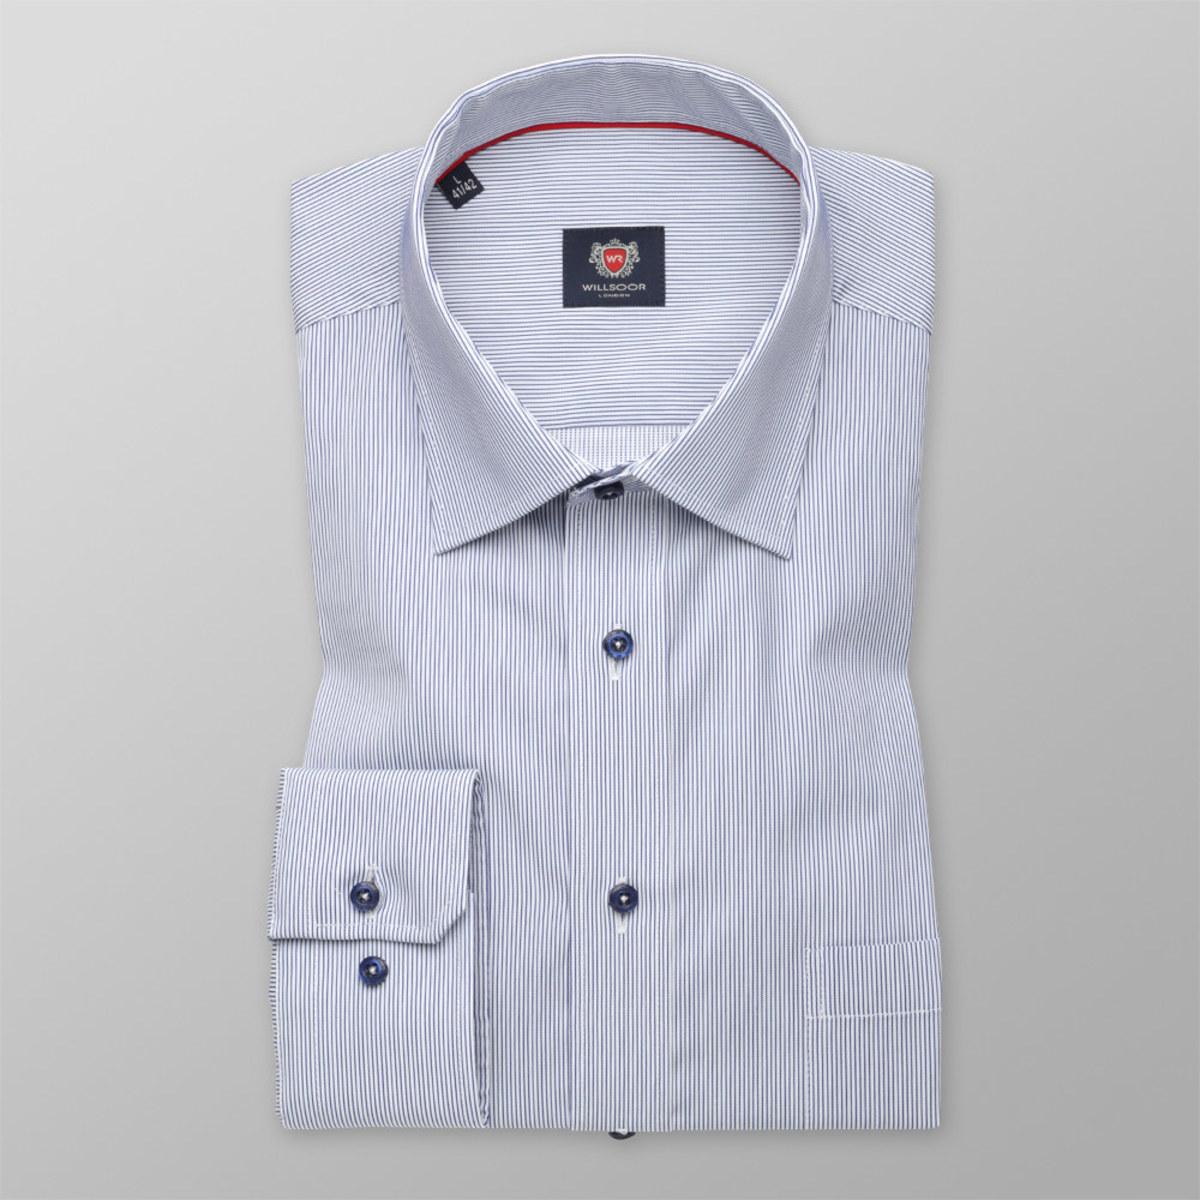 Košile London s pruhovaným vzorem (výška 176-182) 10223 176-182 / M (39/40)